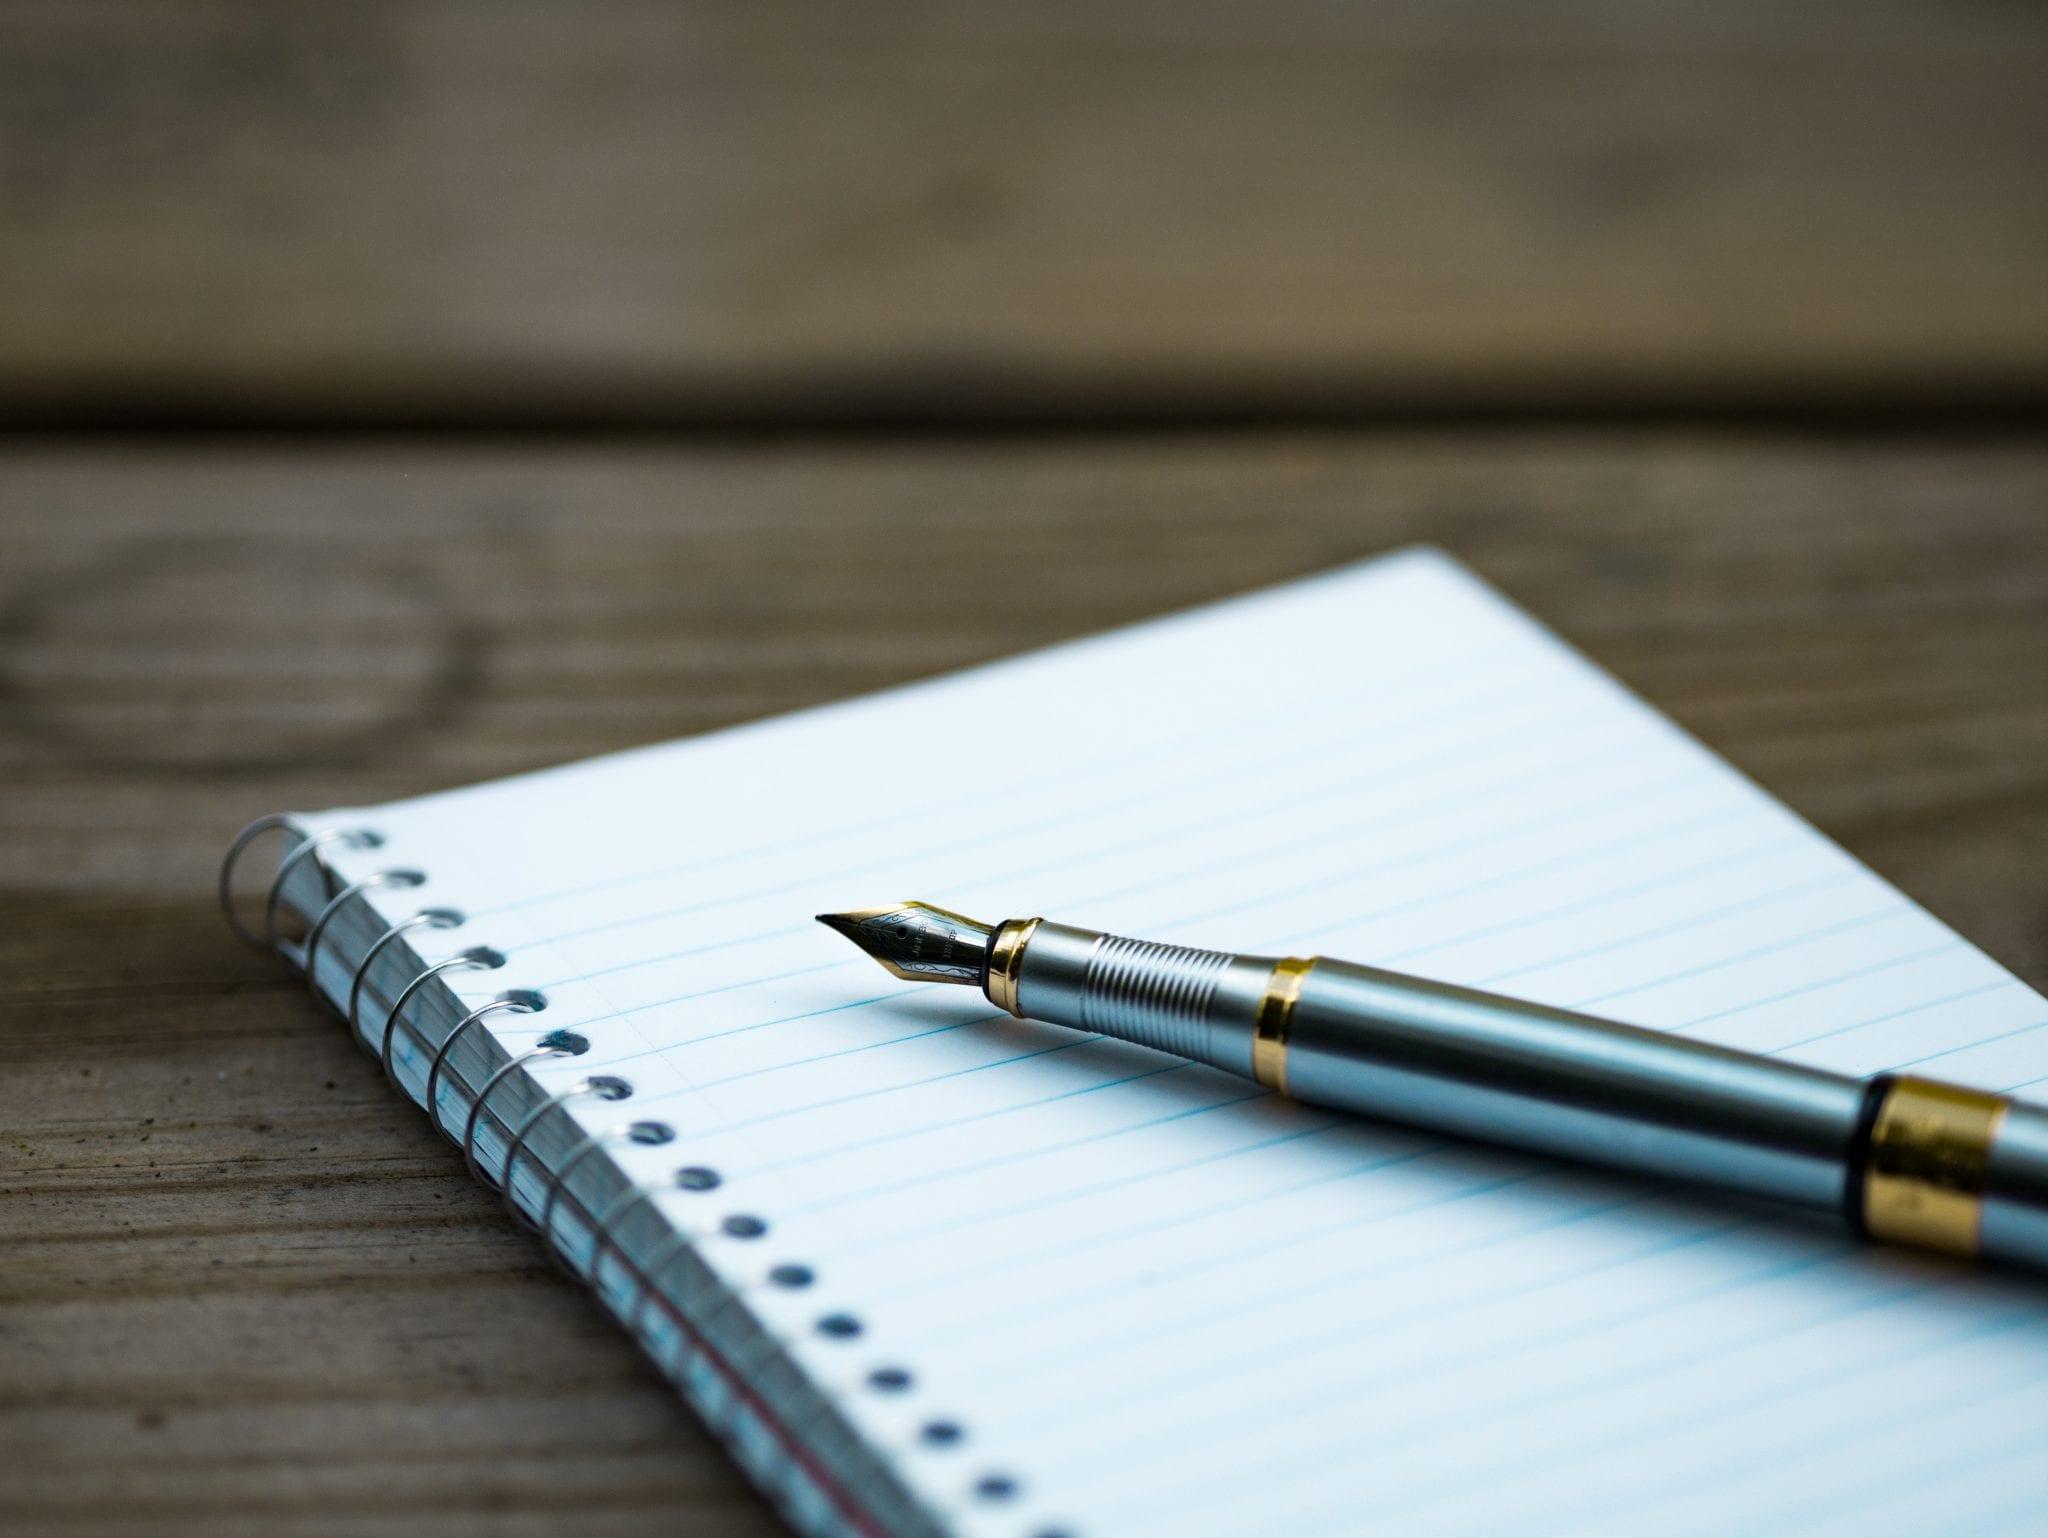 Comment bien choisir son notaire ?